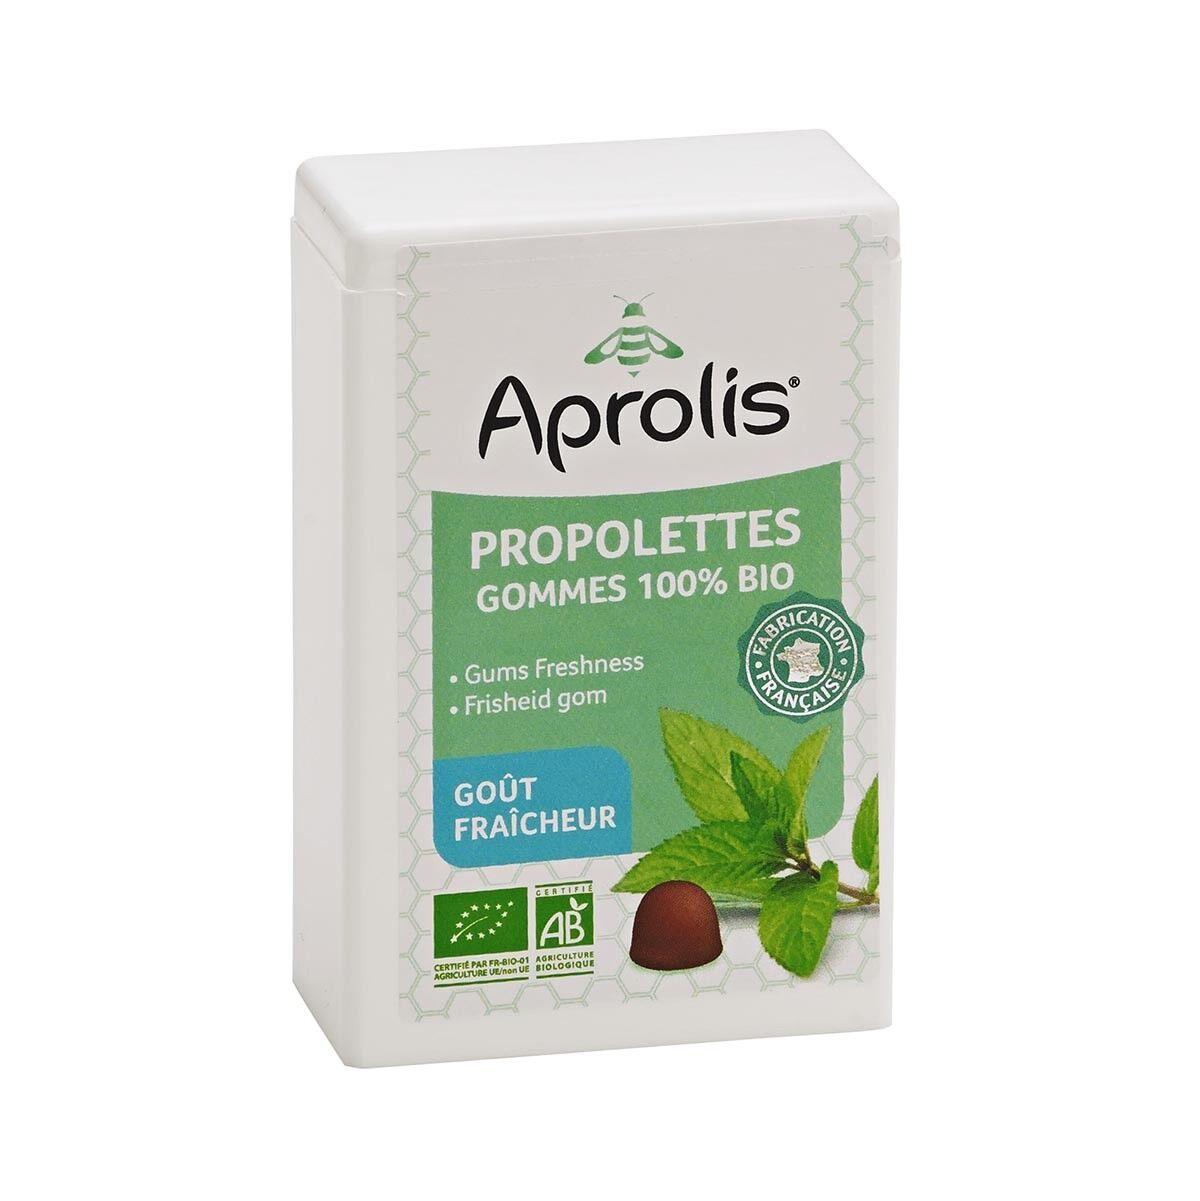 APROLIS Propolettes Fraîcheur 50g Bio - Aprolis